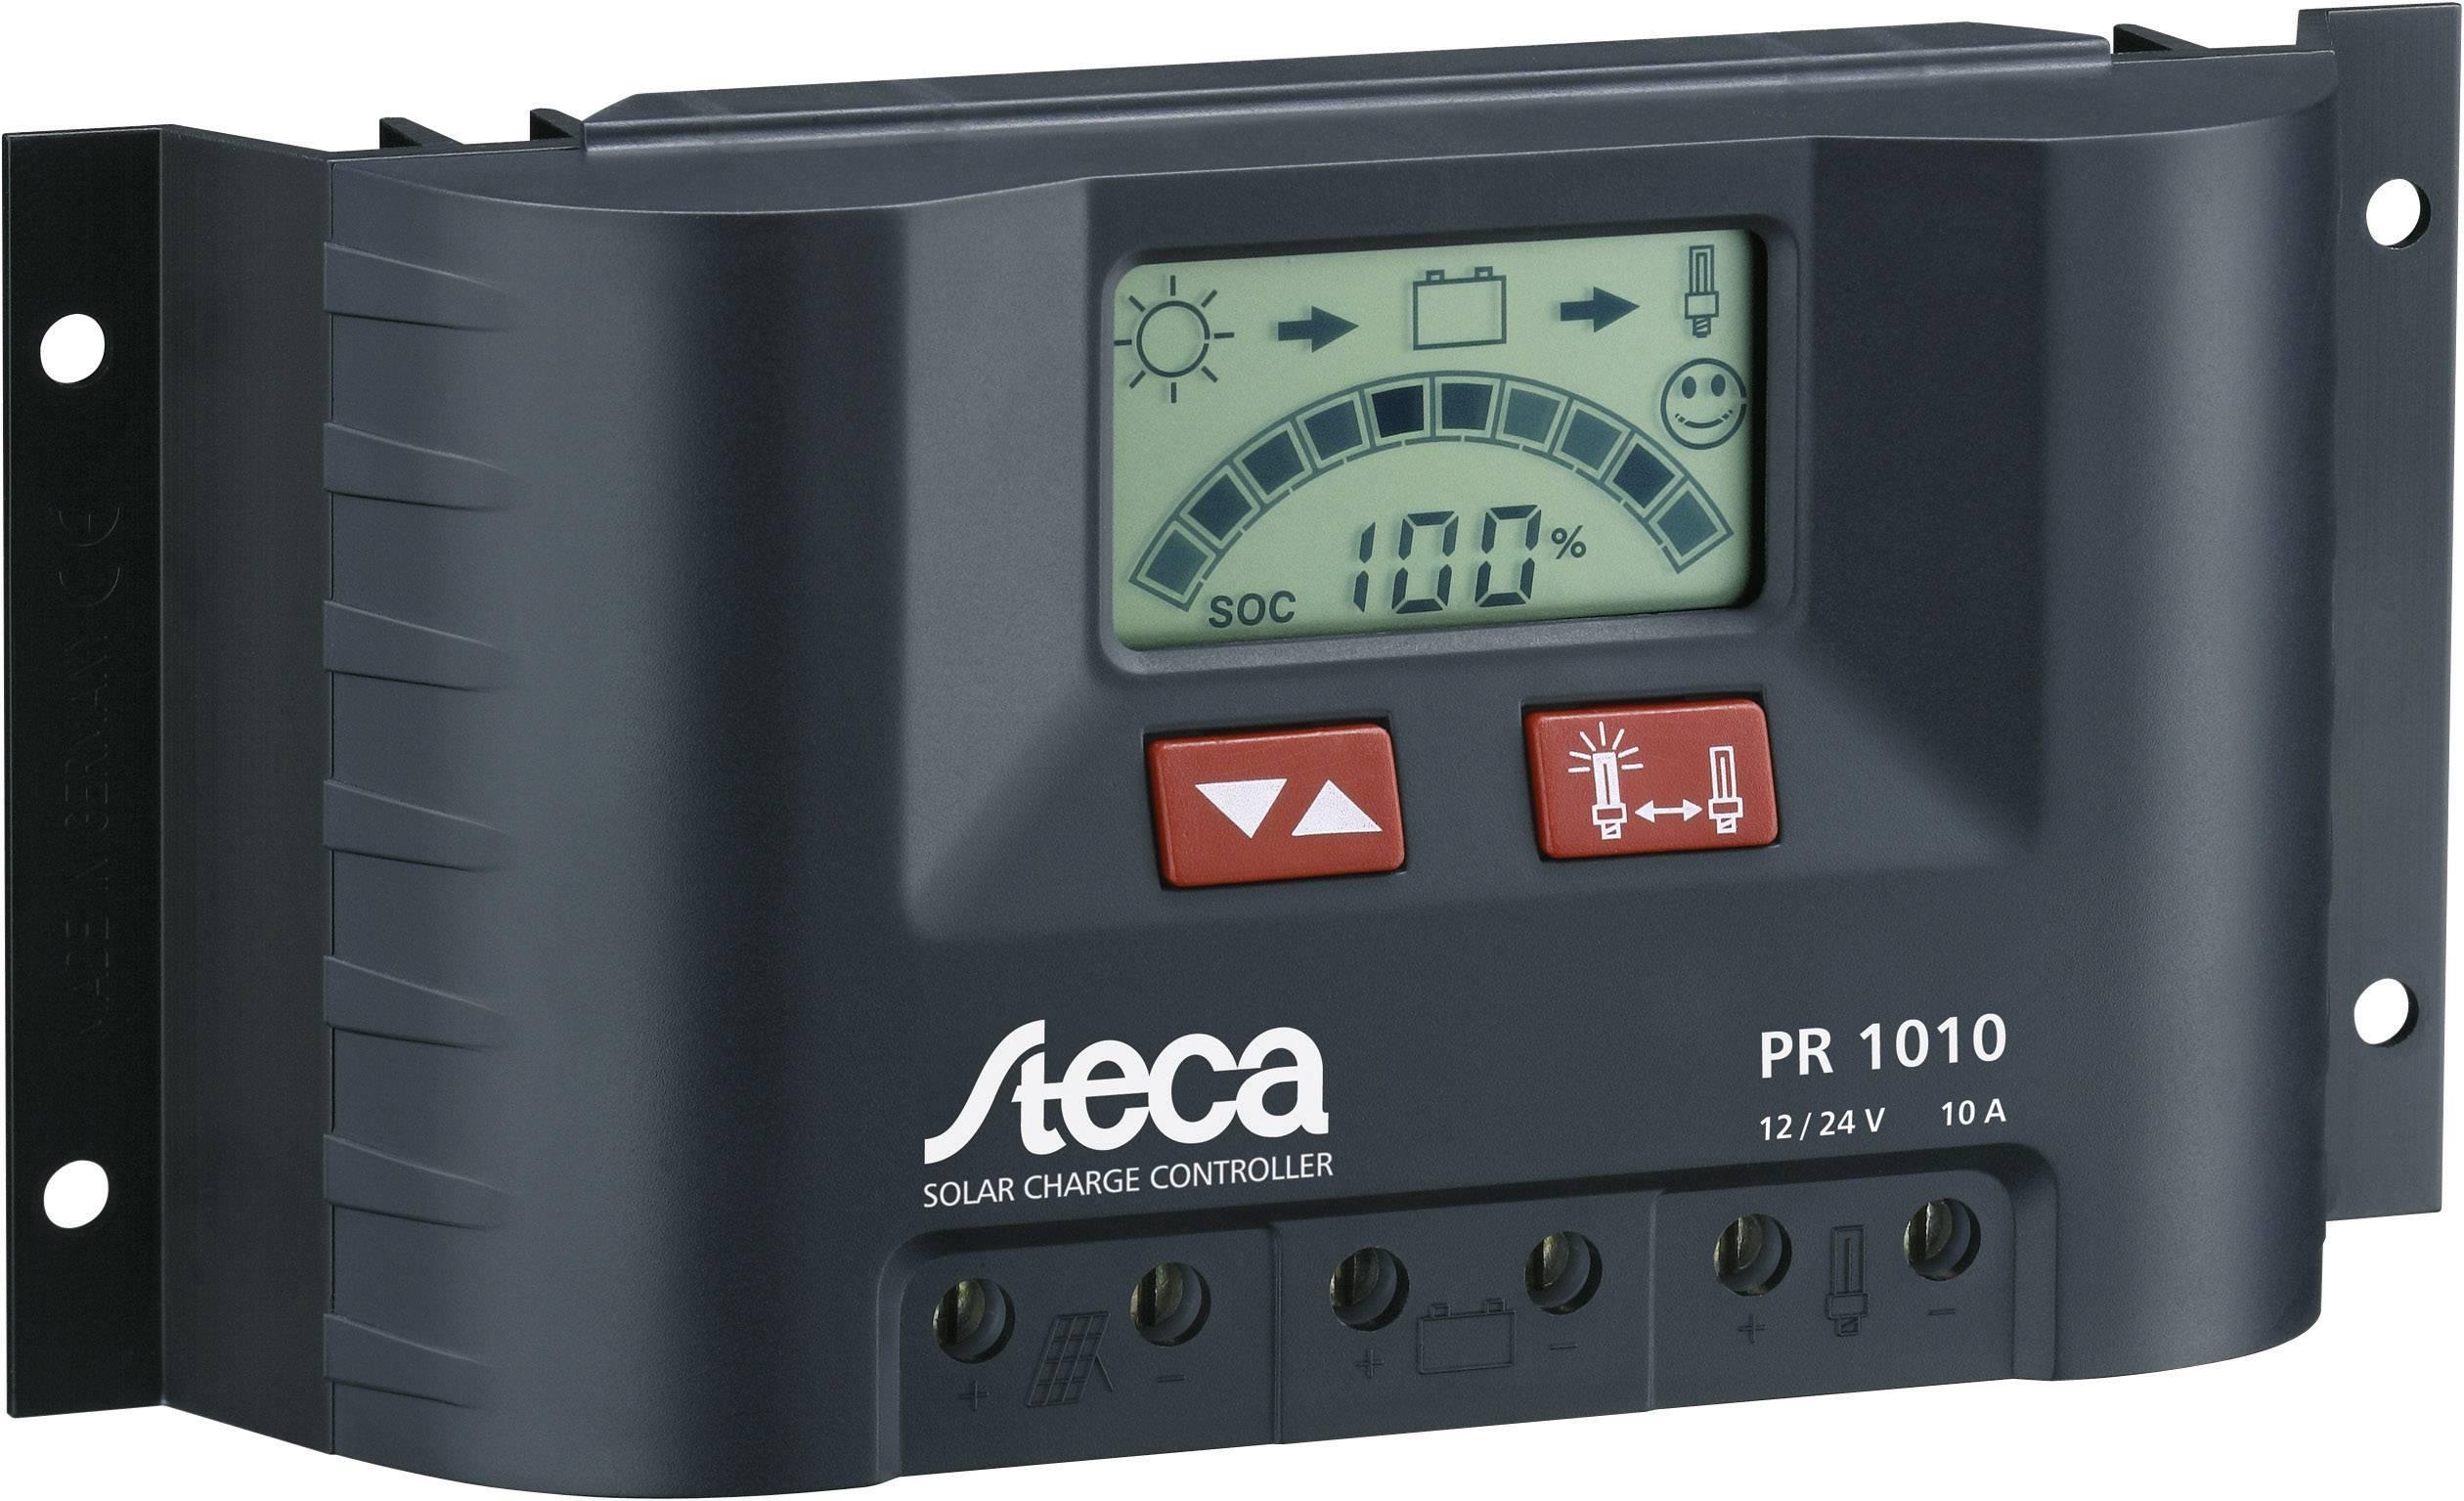 Solárny regulátor nabíjania Steca PR 1010 104514, 10 A, 12 V, 24 V